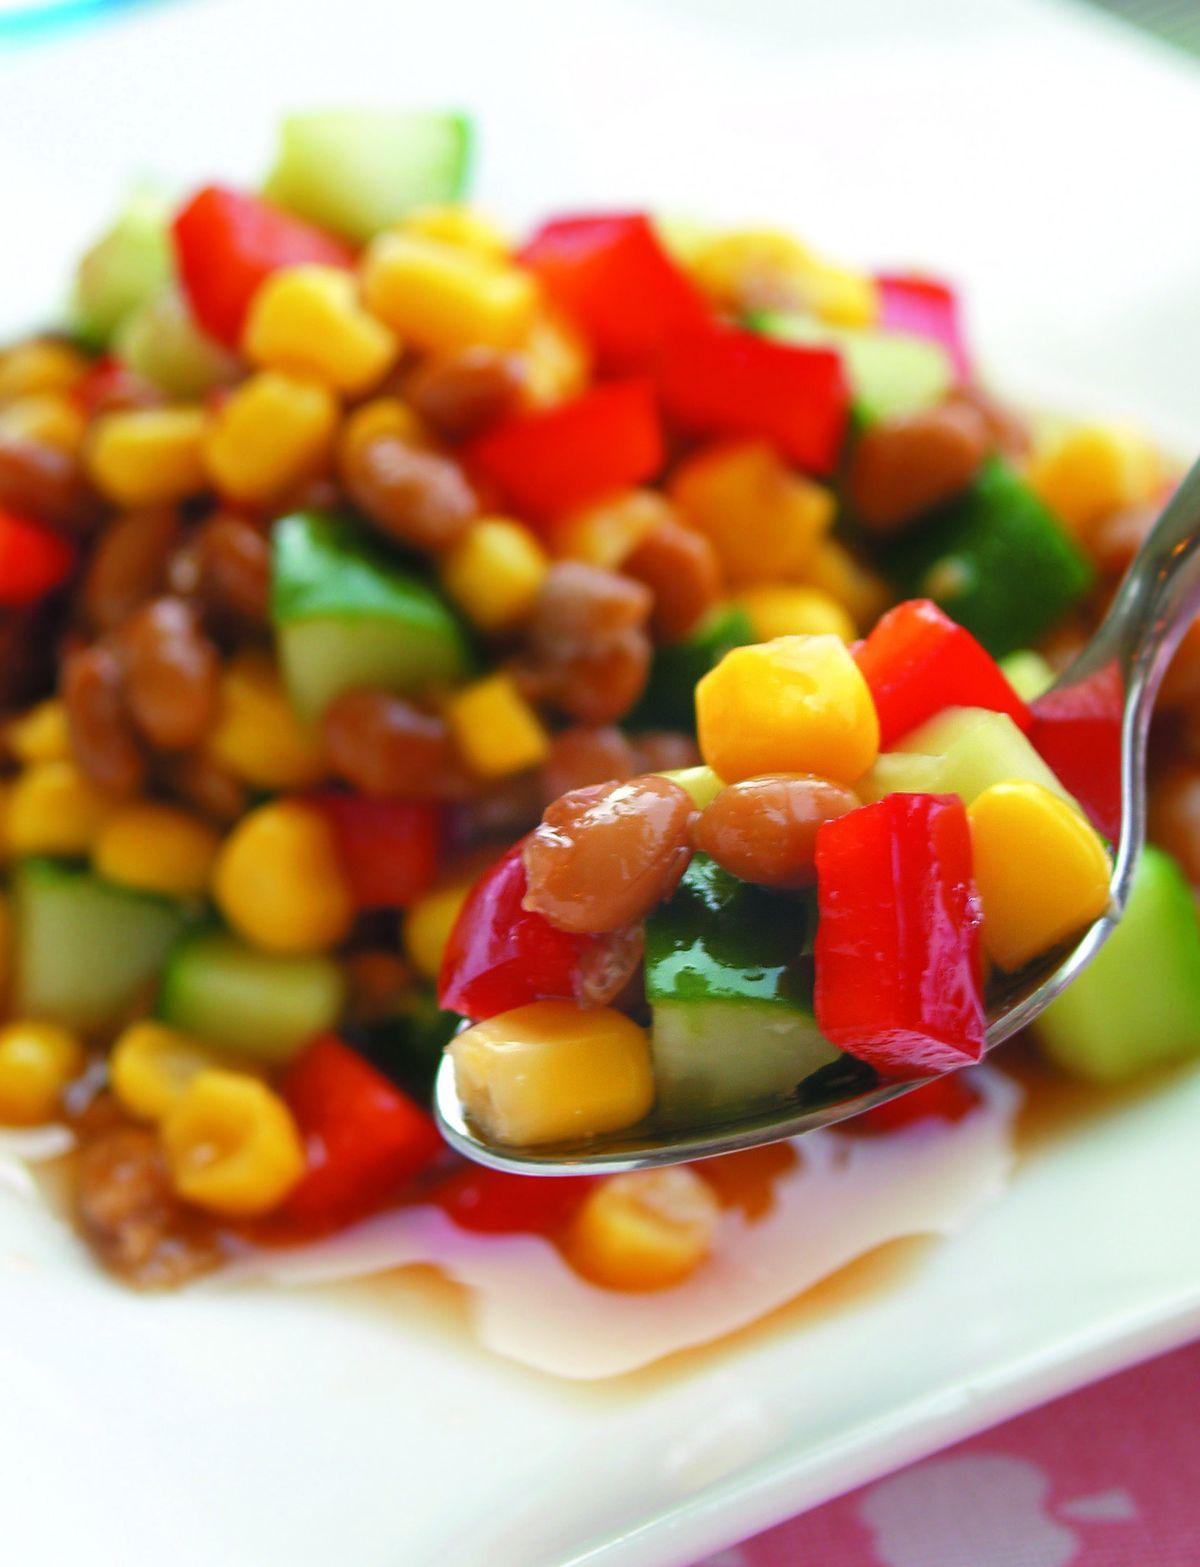 食譜:梅醋納豆